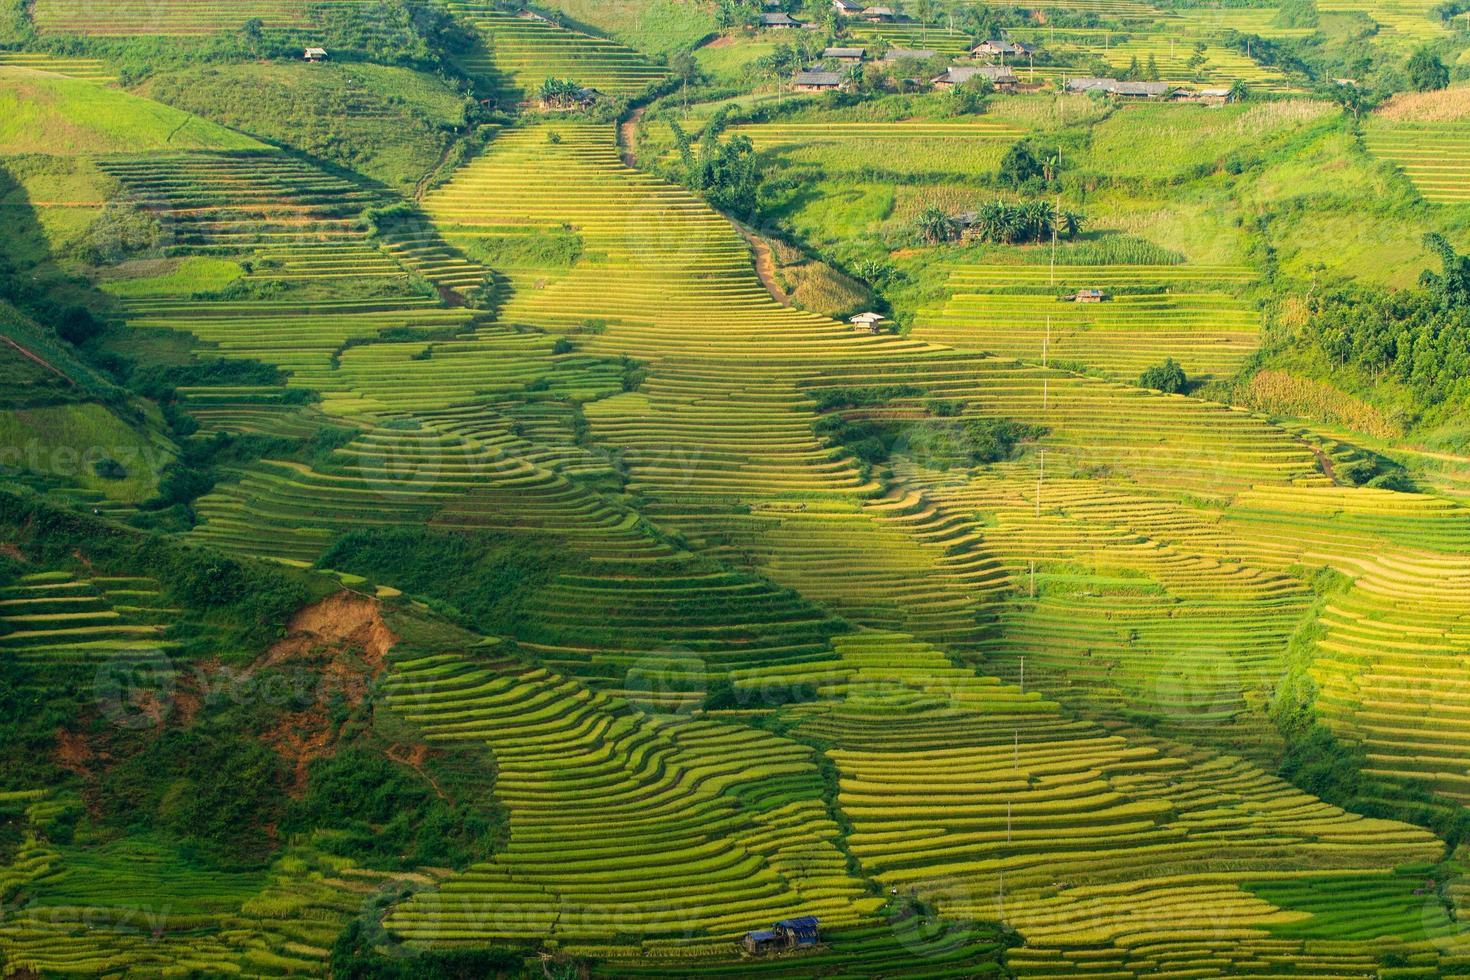 terraços de arroz no Vietnã foto